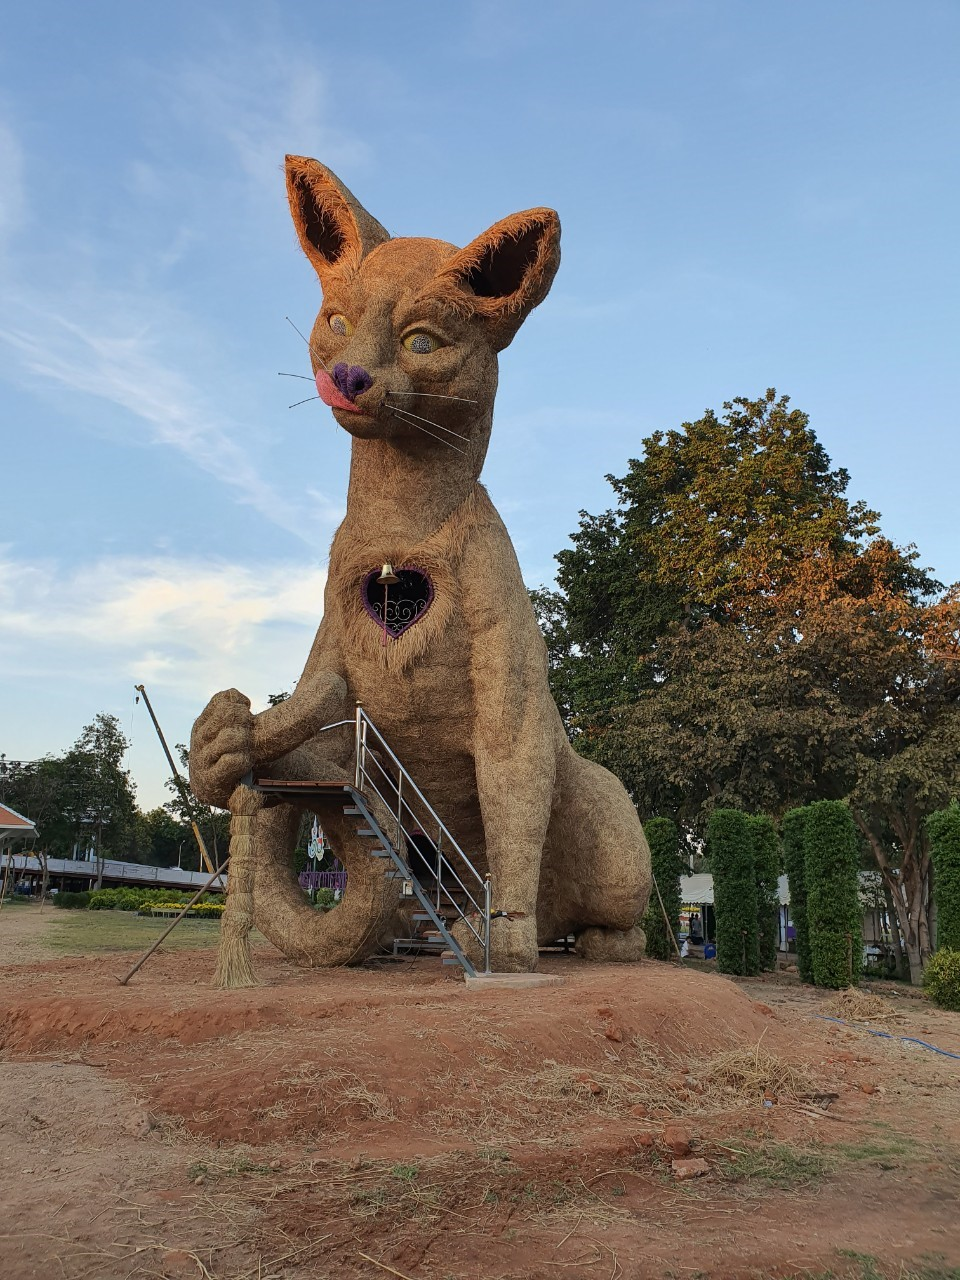 ใหม่กิ๊ก!  หุ่นฟางแมวสีสวาดสูงกว่า 10 เมตร ตั้งเด่นเป็นสง่าชวนไปเซลฟี่กัน